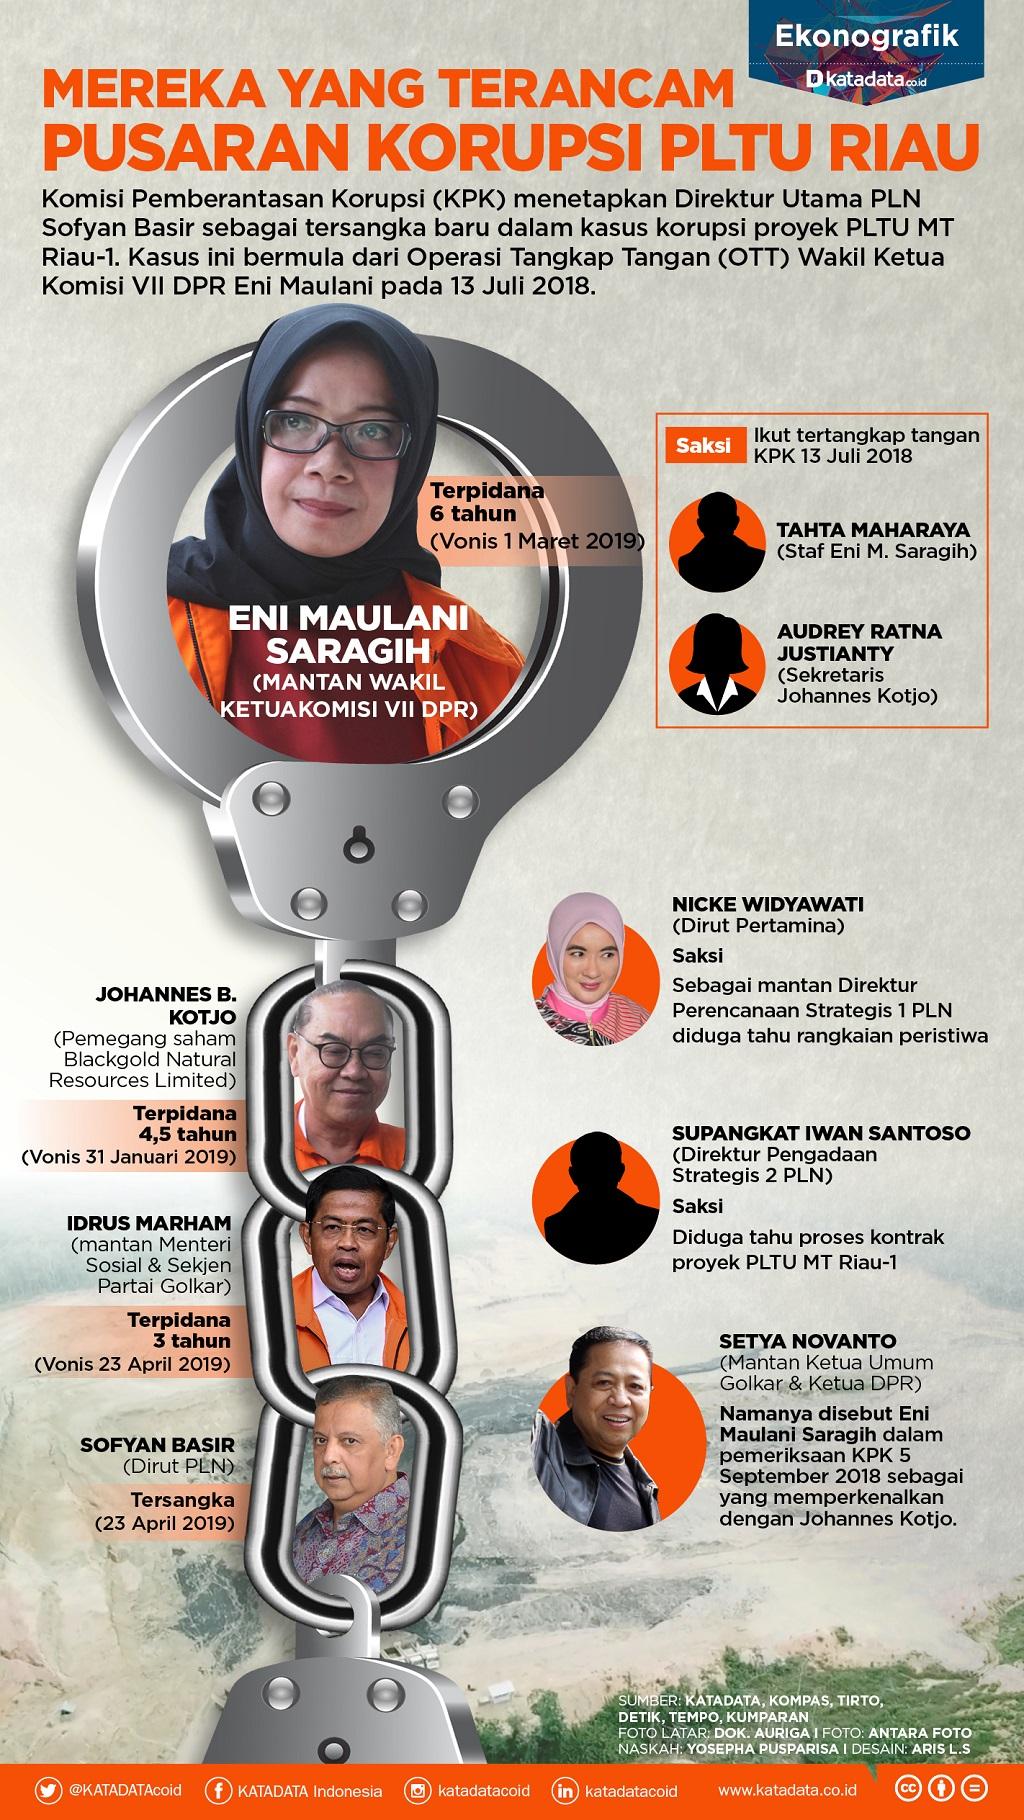 Mereka yang Terancam Pusaran Korupsi PLTU Riau_rev